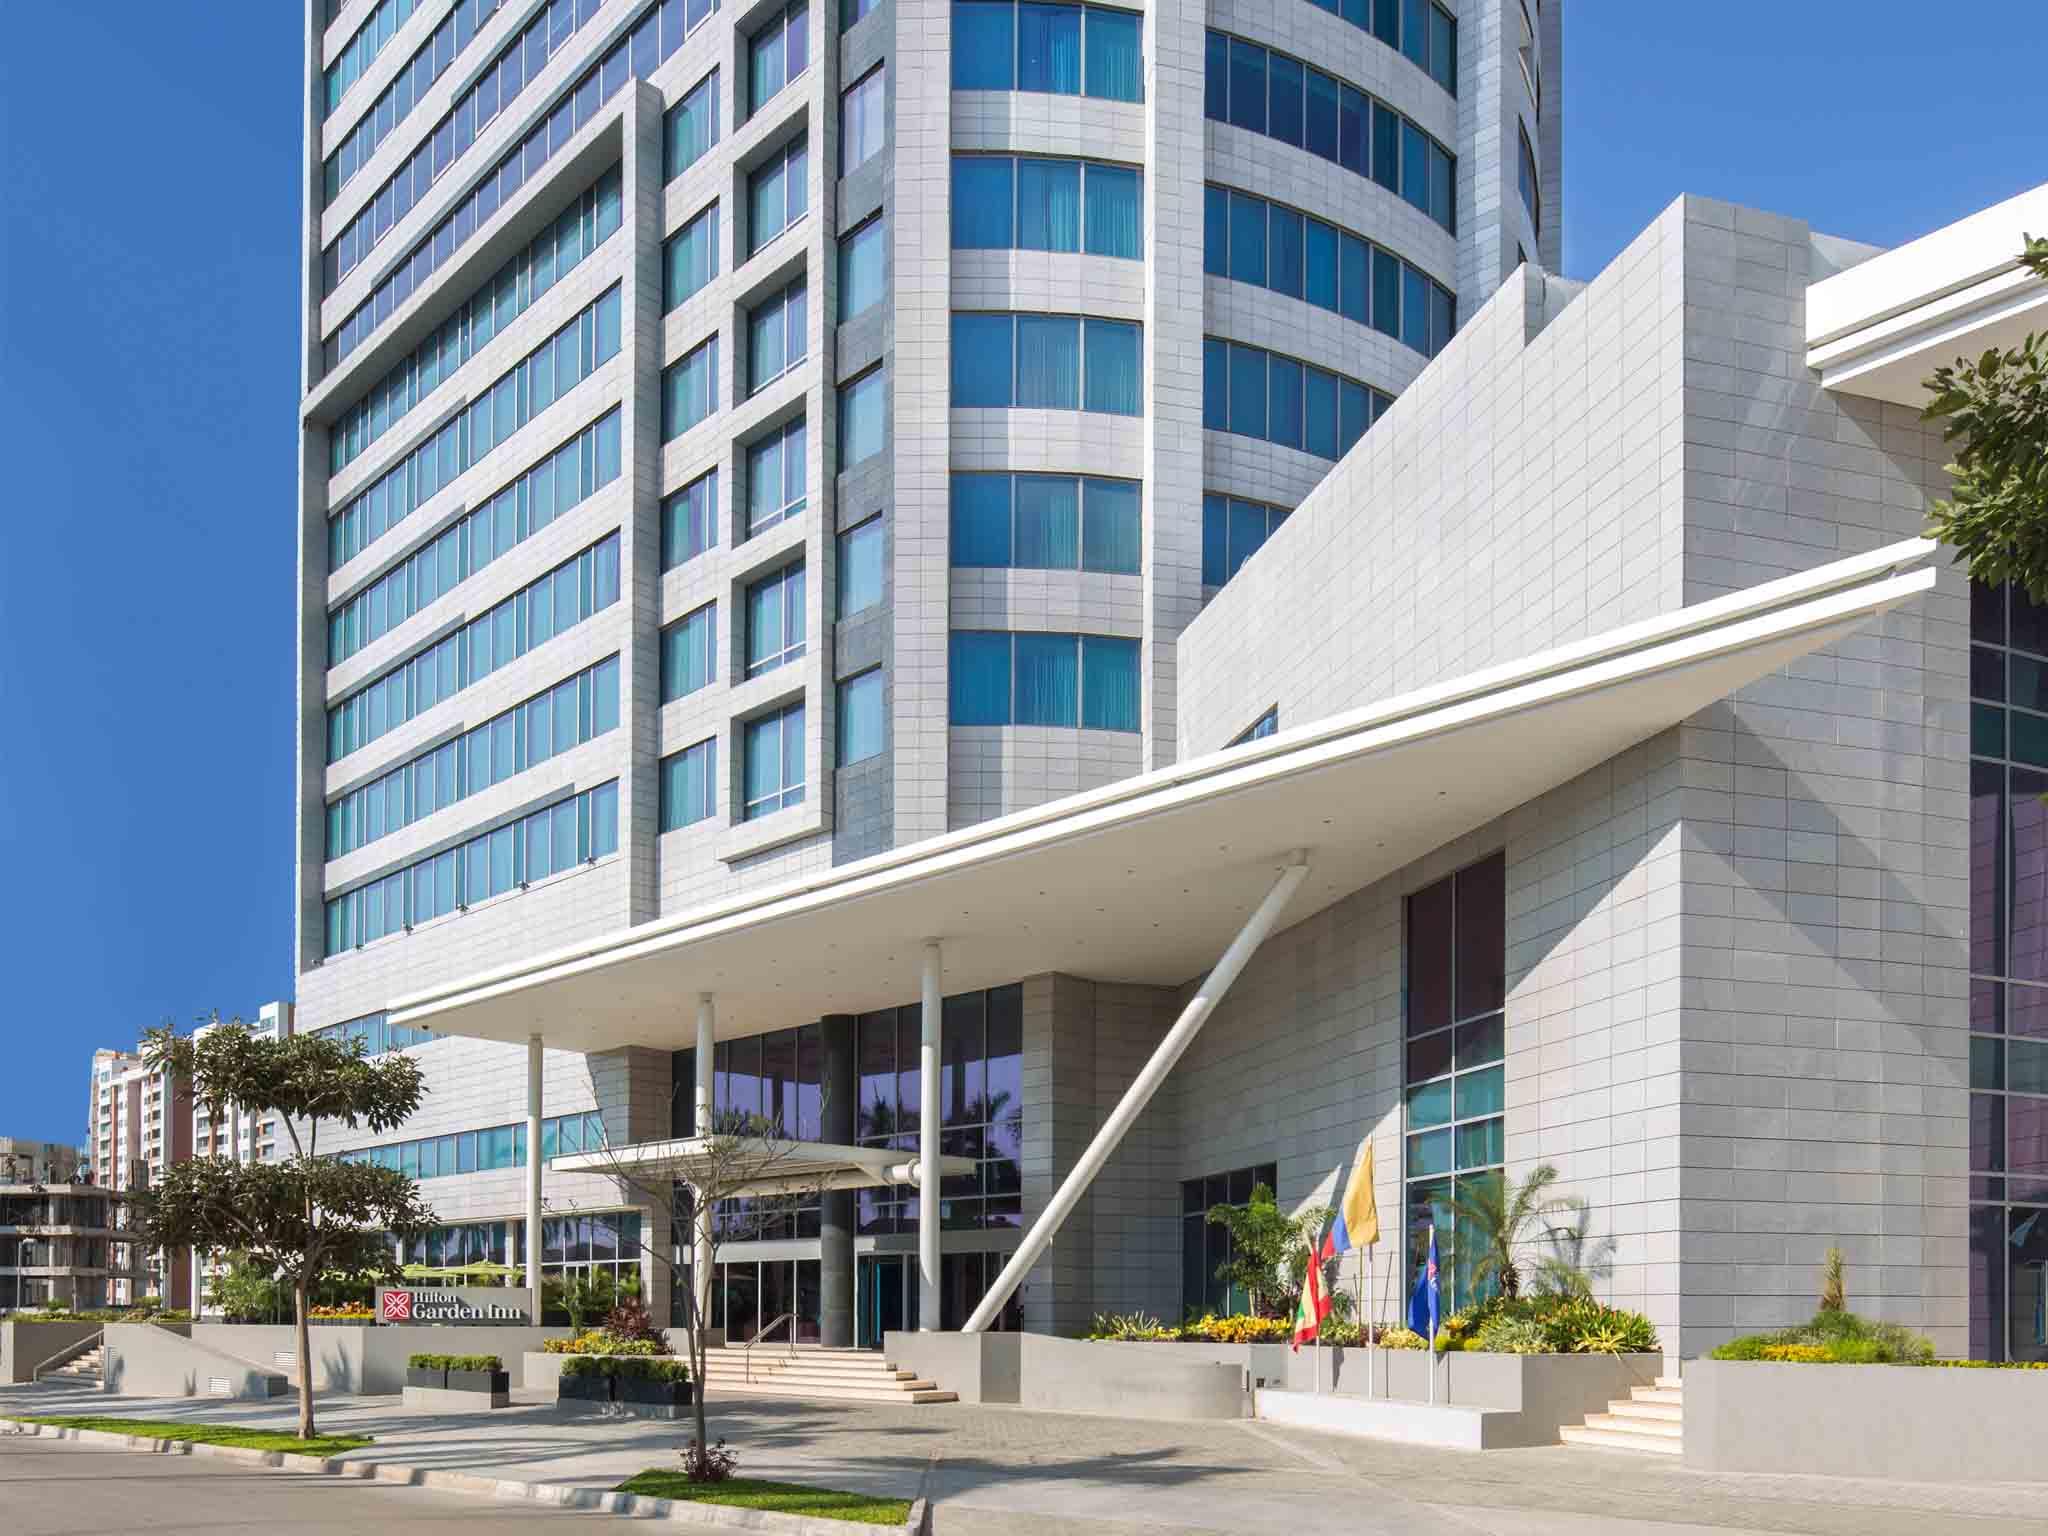 Hoteles En Colombia Cartagena Cali Barranquilla Hilton